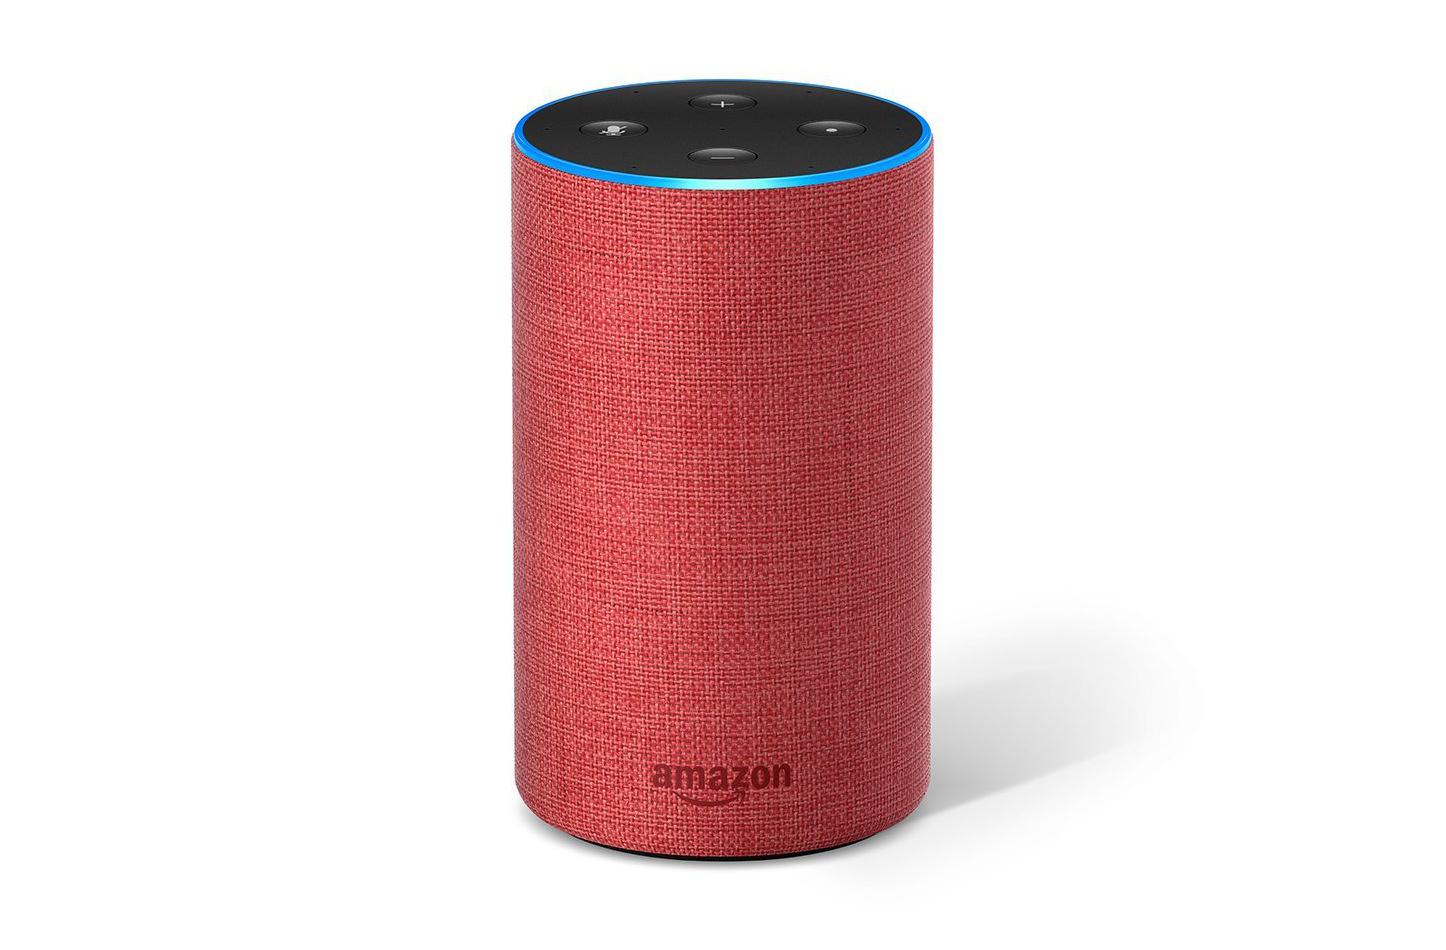 Amazon-Echo-Product-Red.jpg